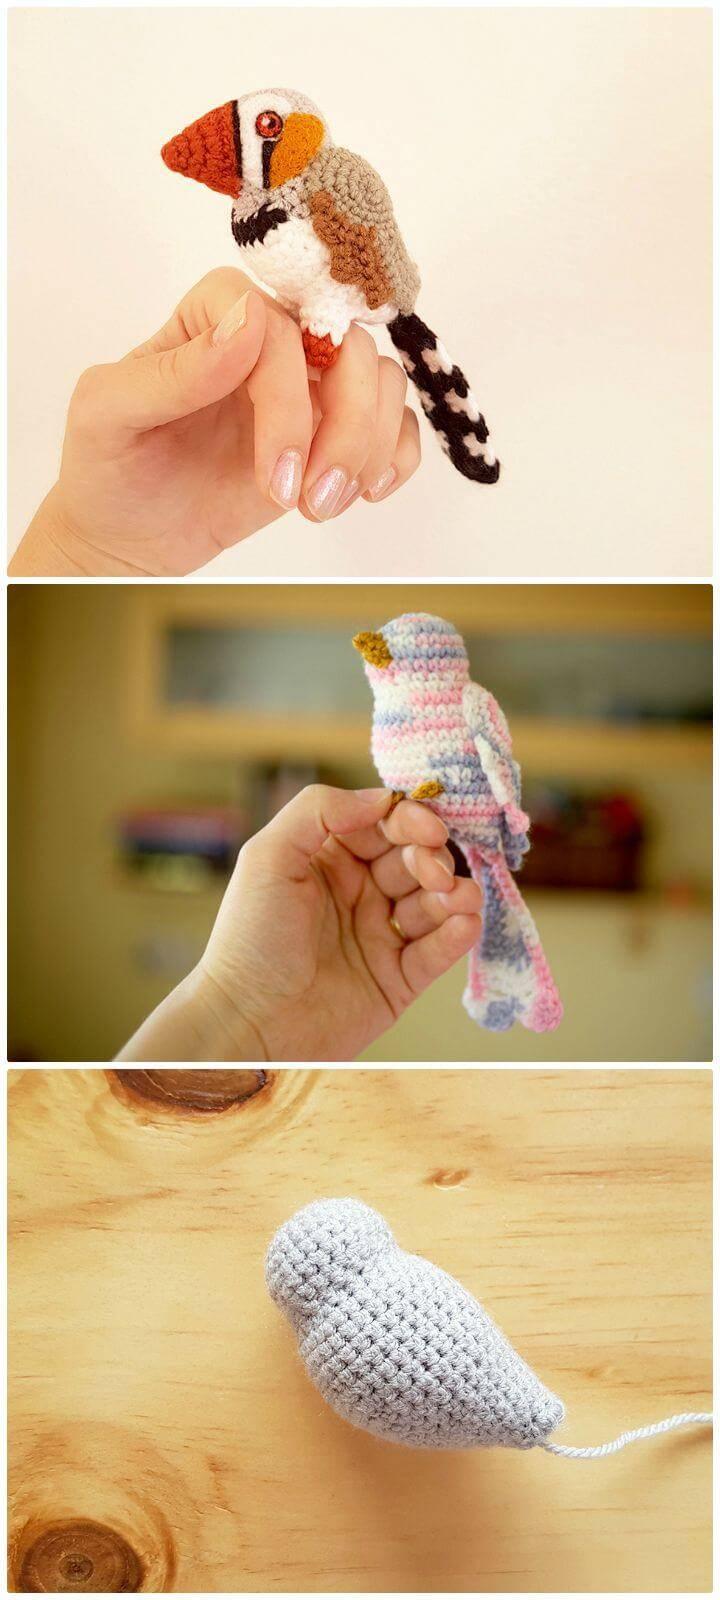 Amigurumi Zebra Finch - Free Crochet Pattern